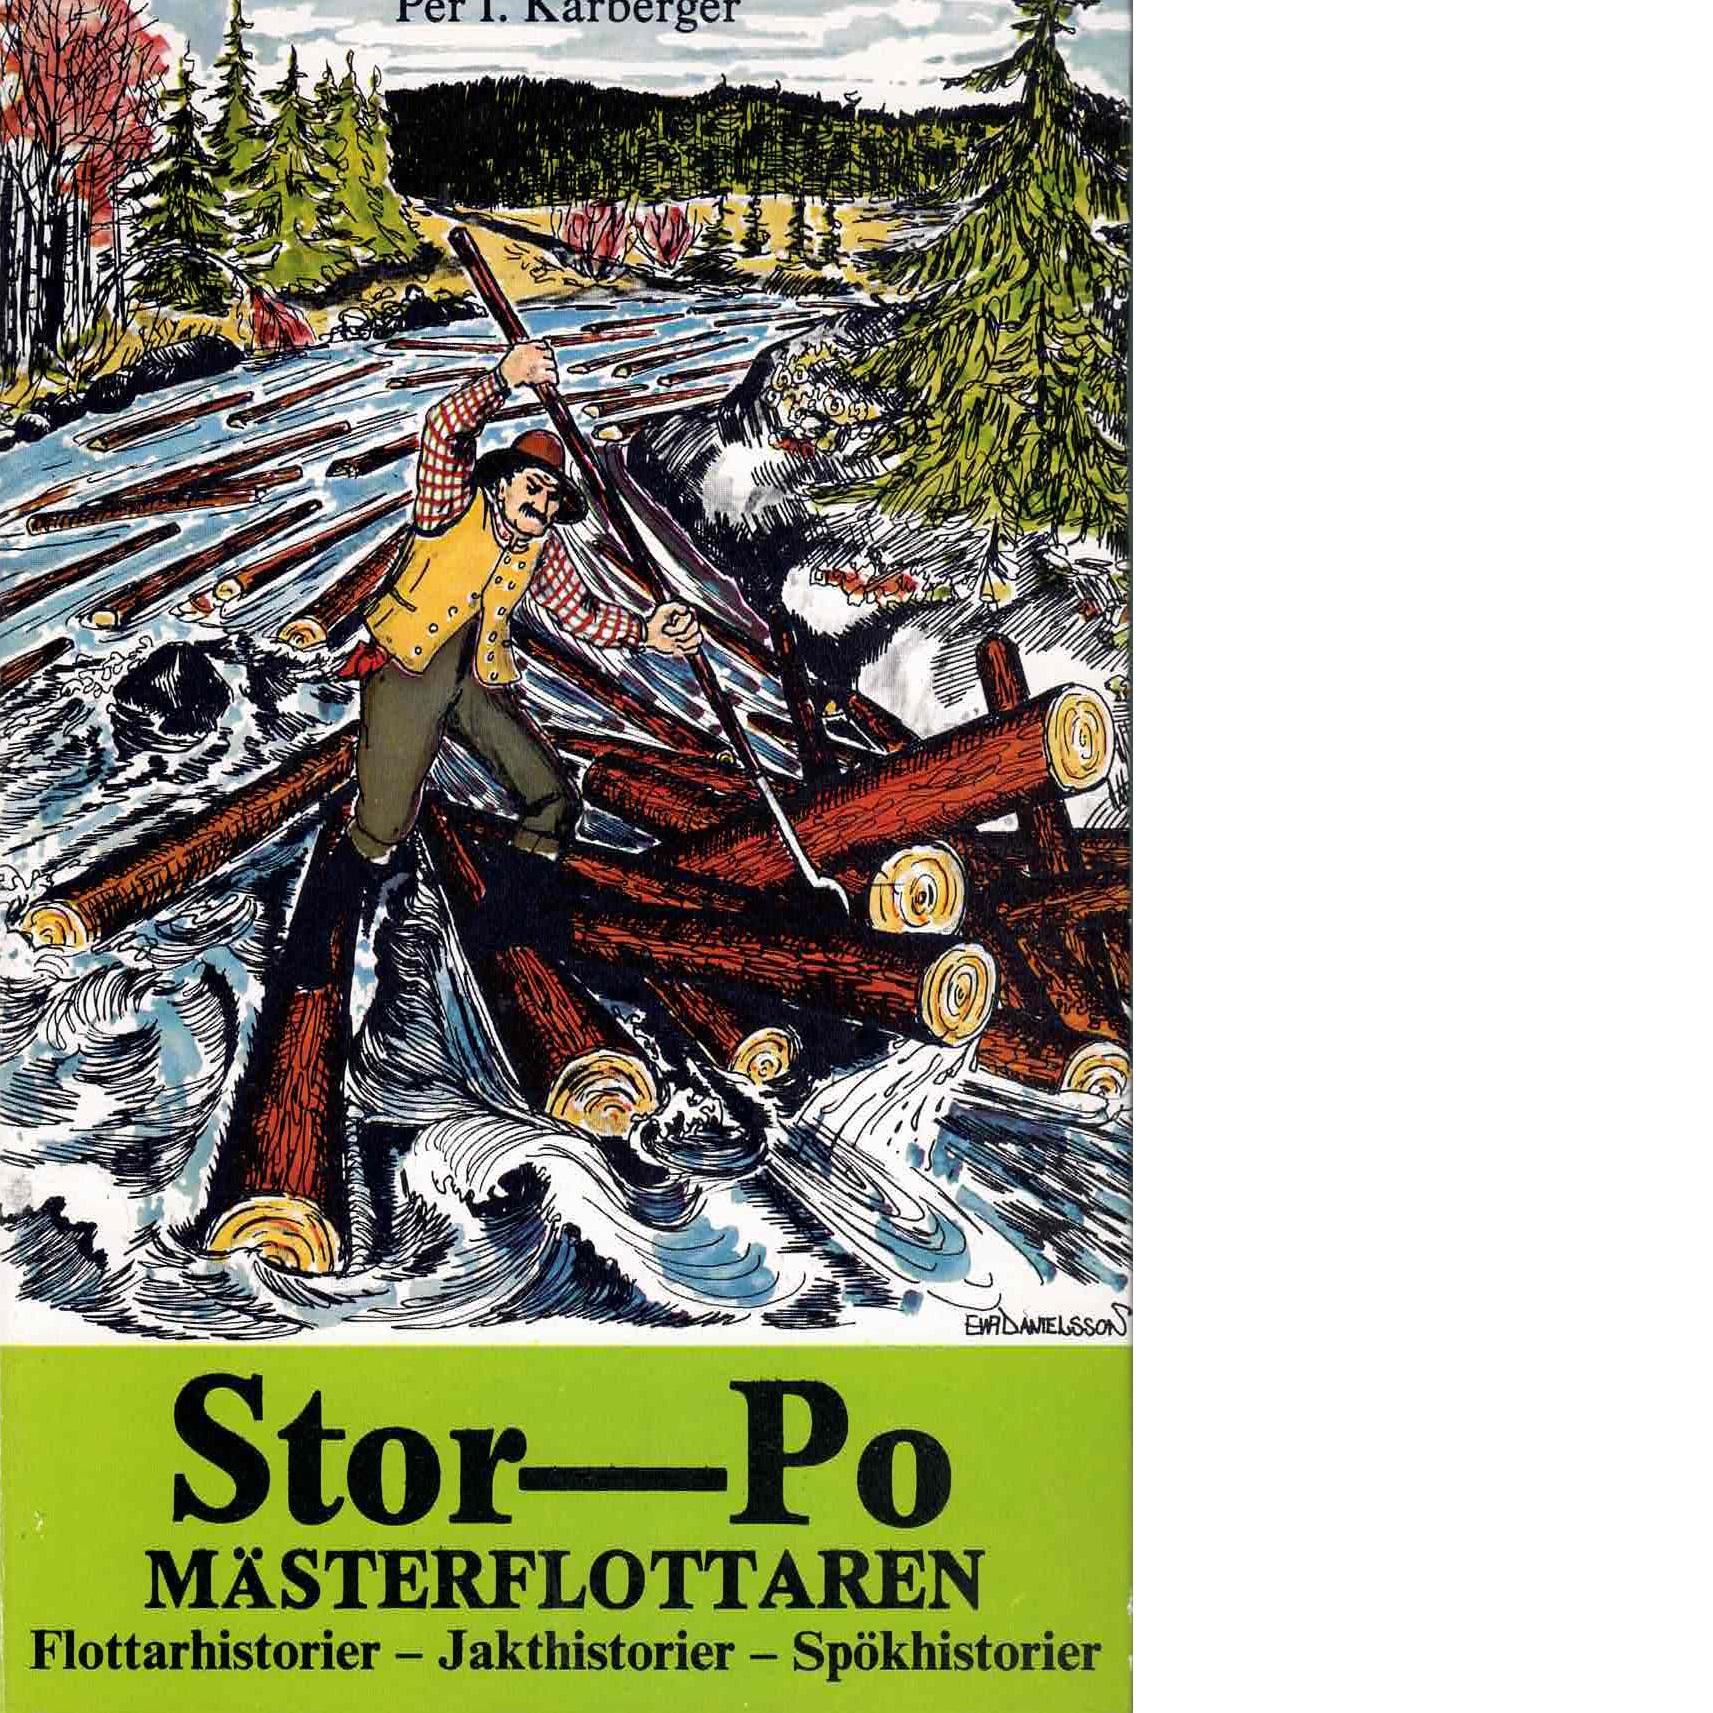 Stor-Po -mästerflottaren - Kårberger, Per